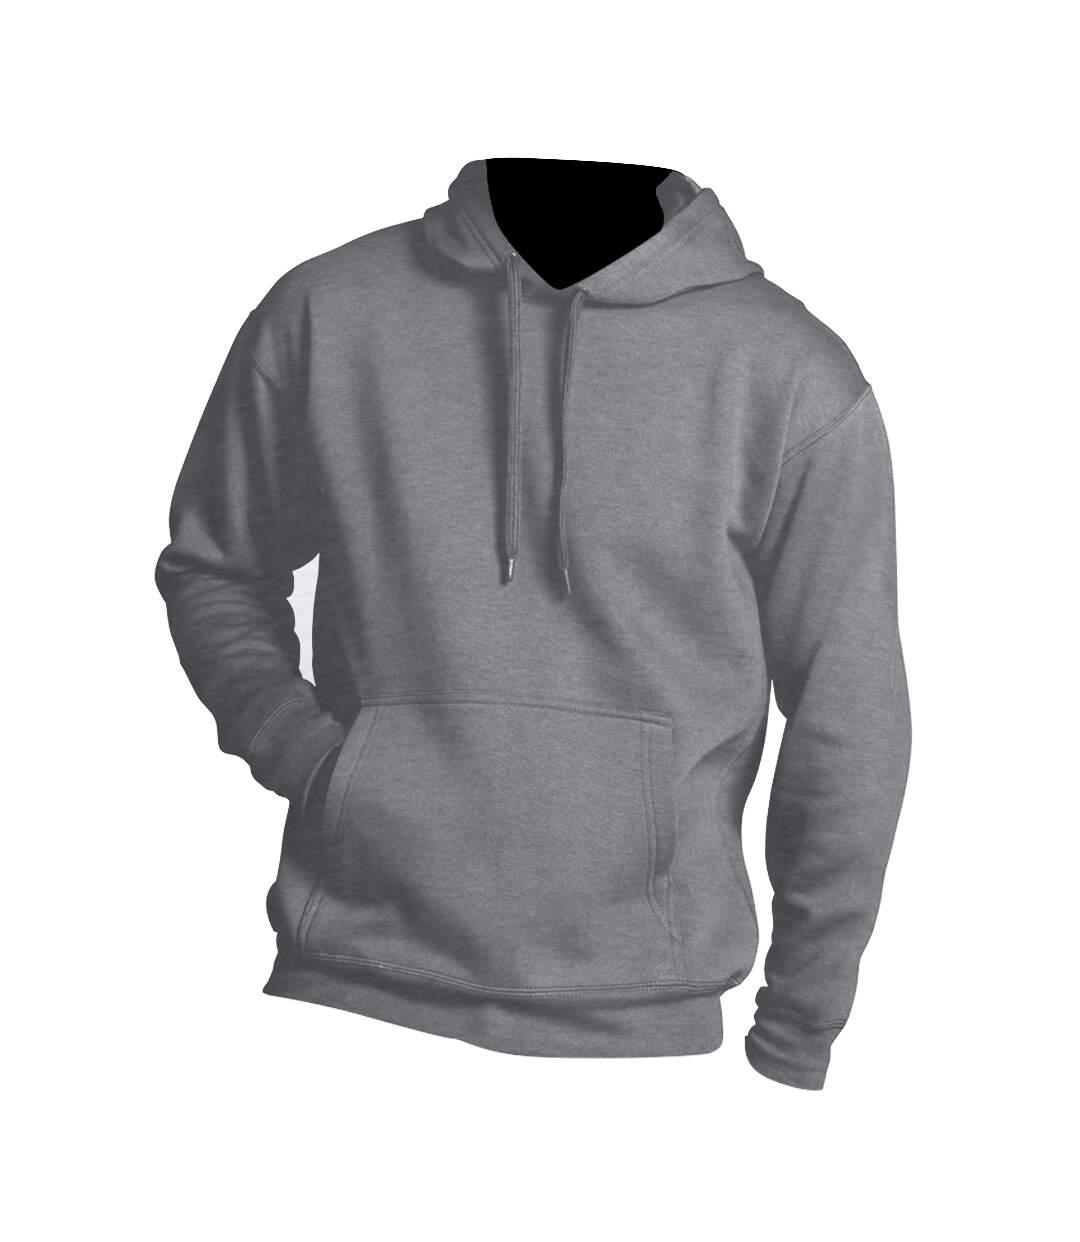 SOLS Slam Unisex Hooded Sweatshirt / Hoodie (Black) - UTPC381